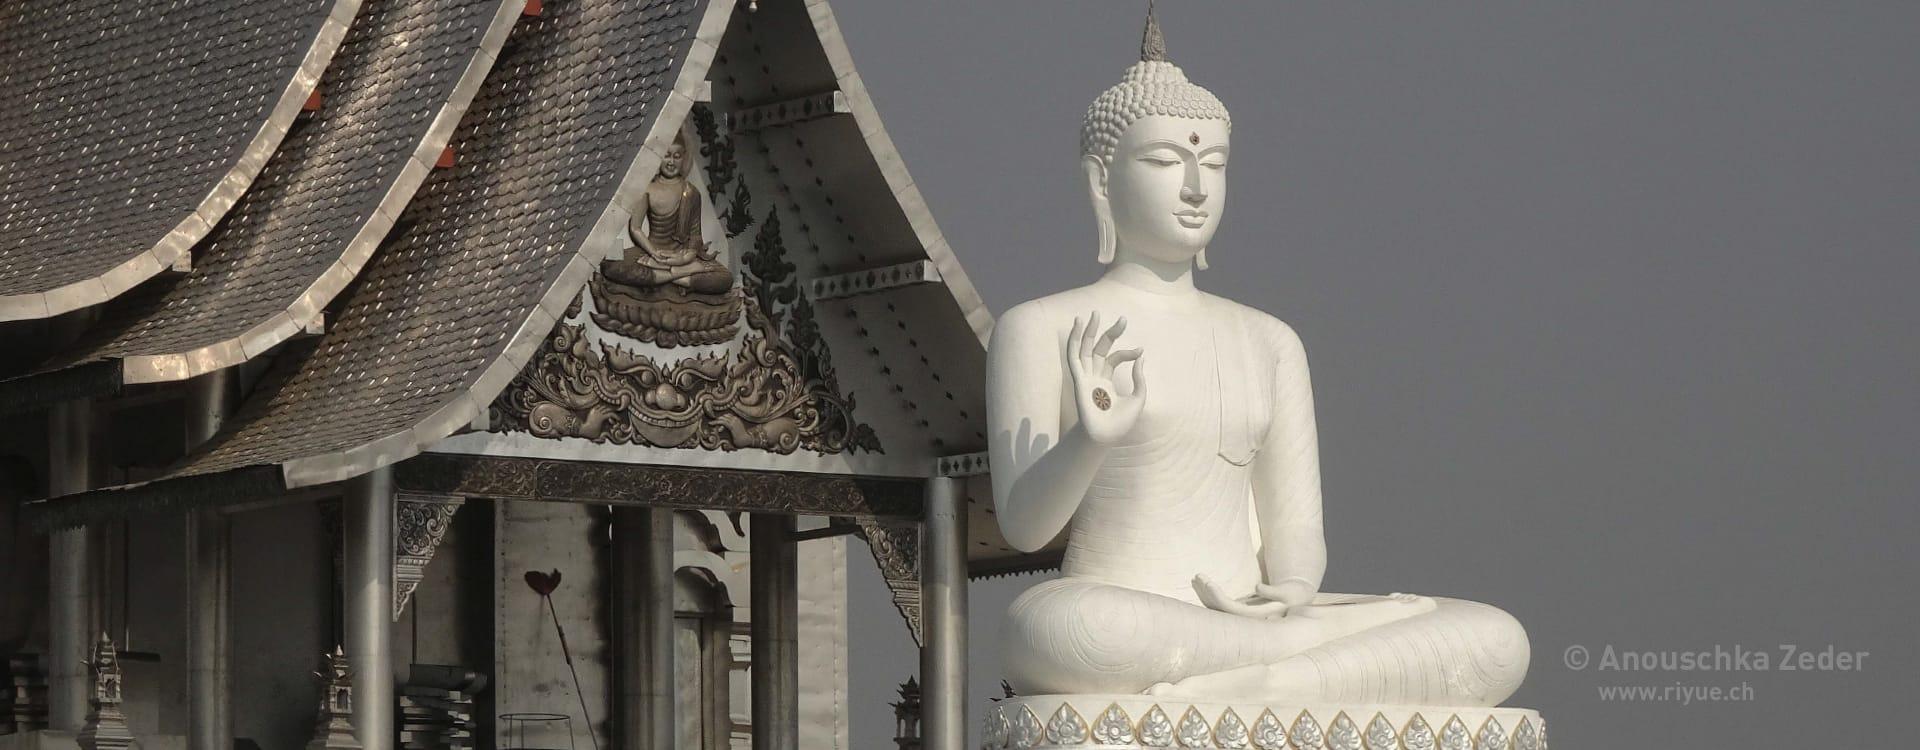 riyue – Shiatsu – Buddha Mahamudra